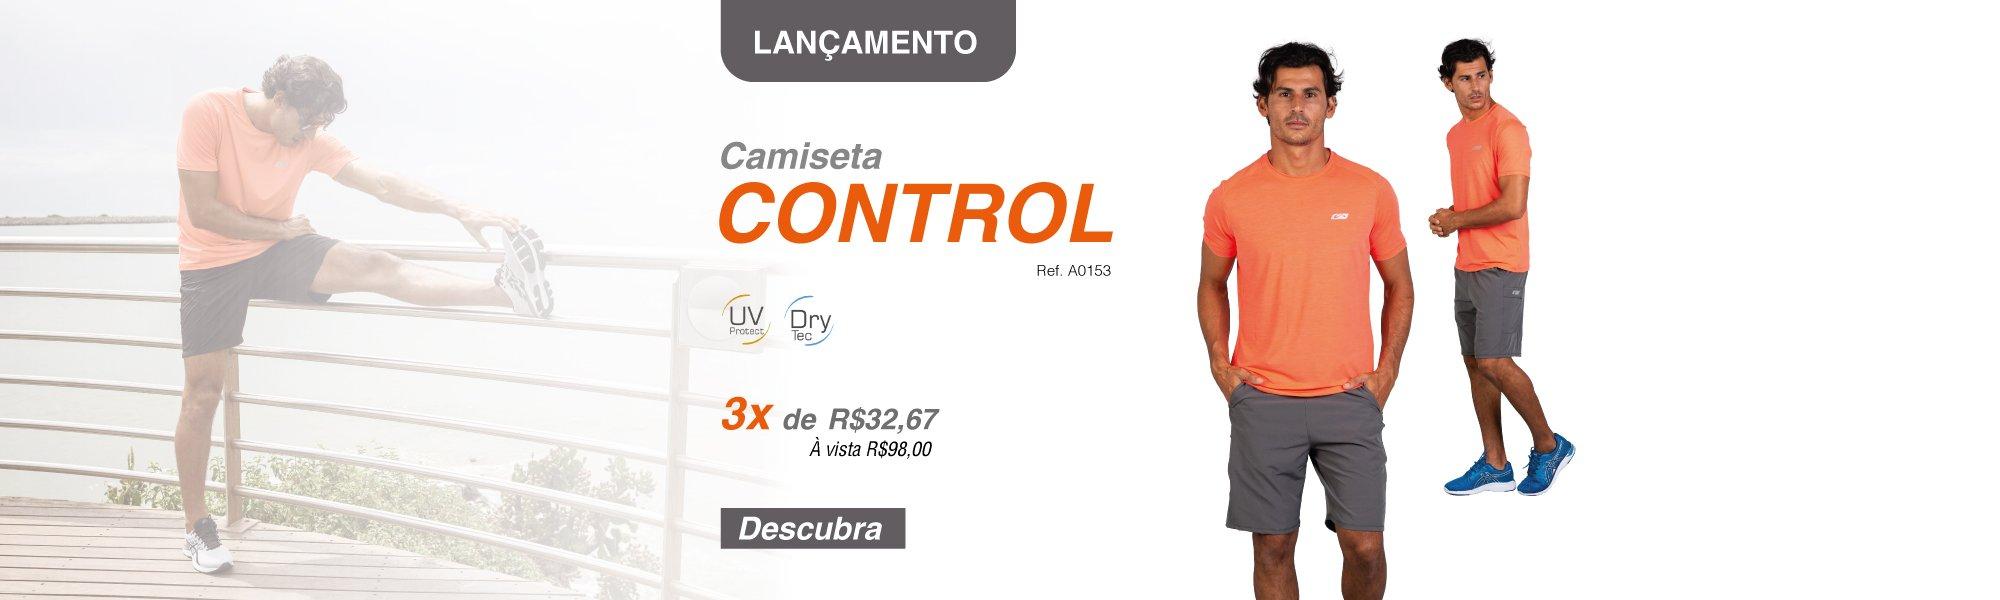 Camiseta Control